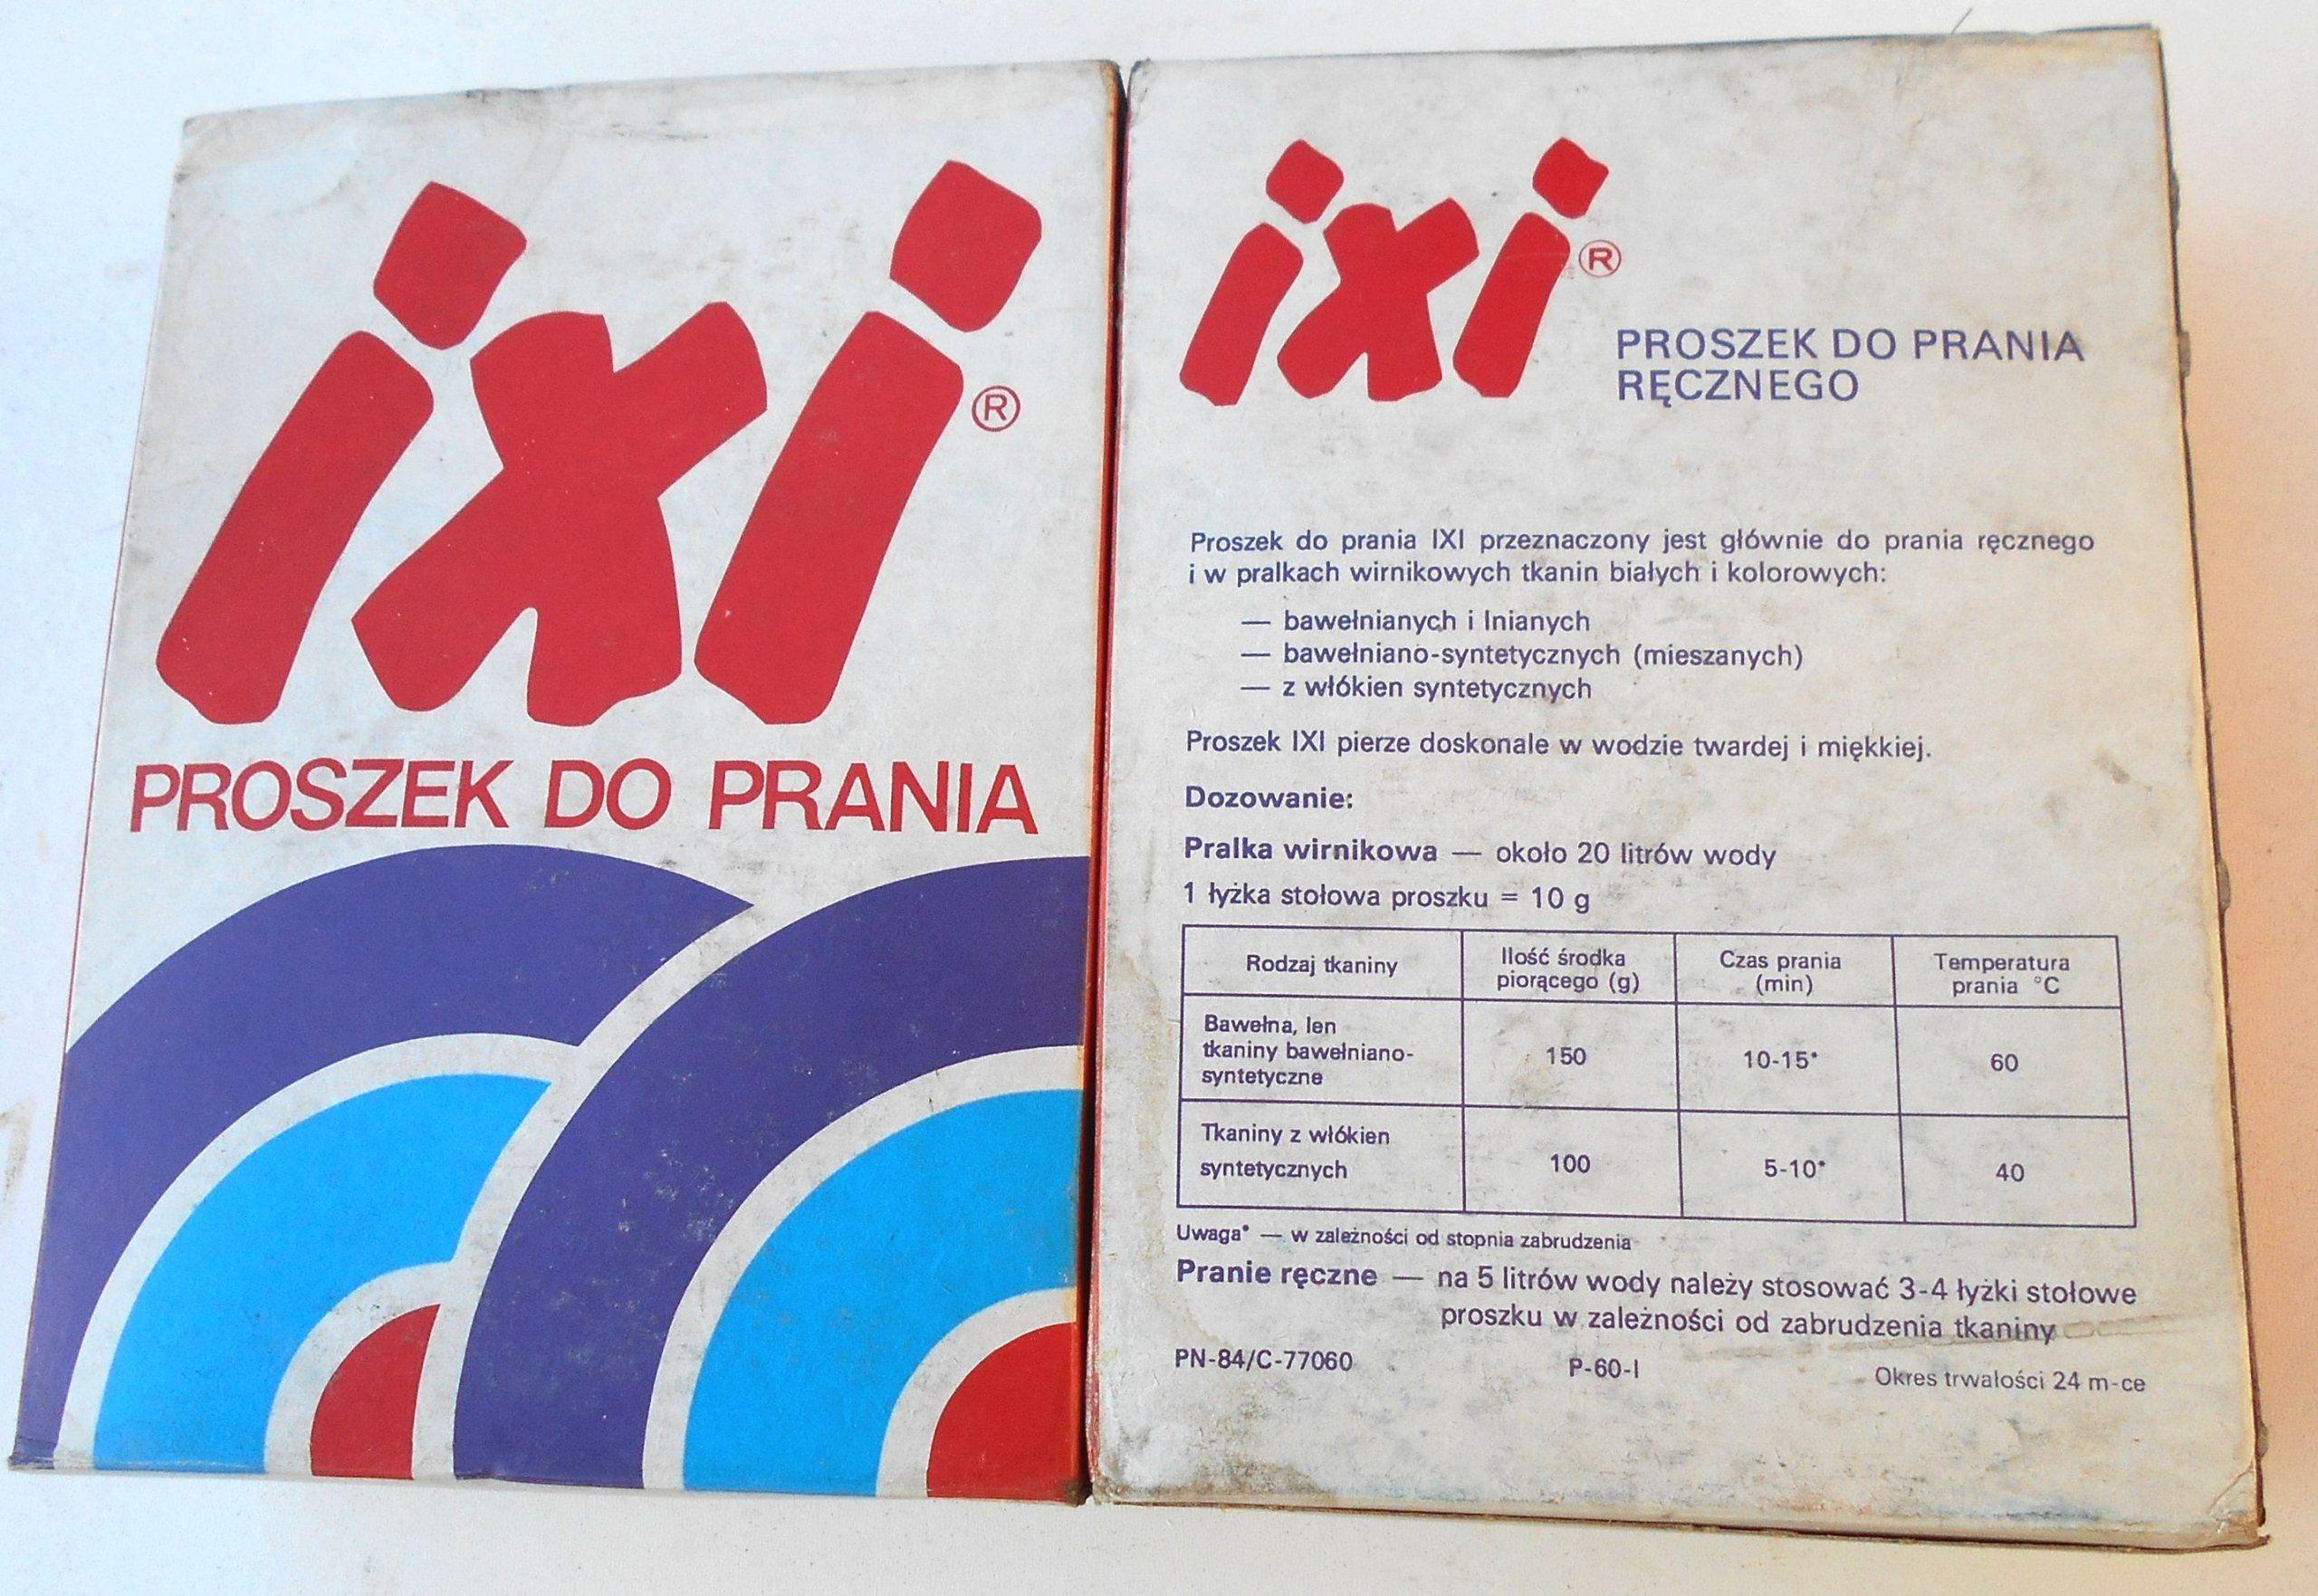 Proszek Ixi Kultowy Do Prania Recznego Prl 7347402454 Oficjalne Archiwum Allegro